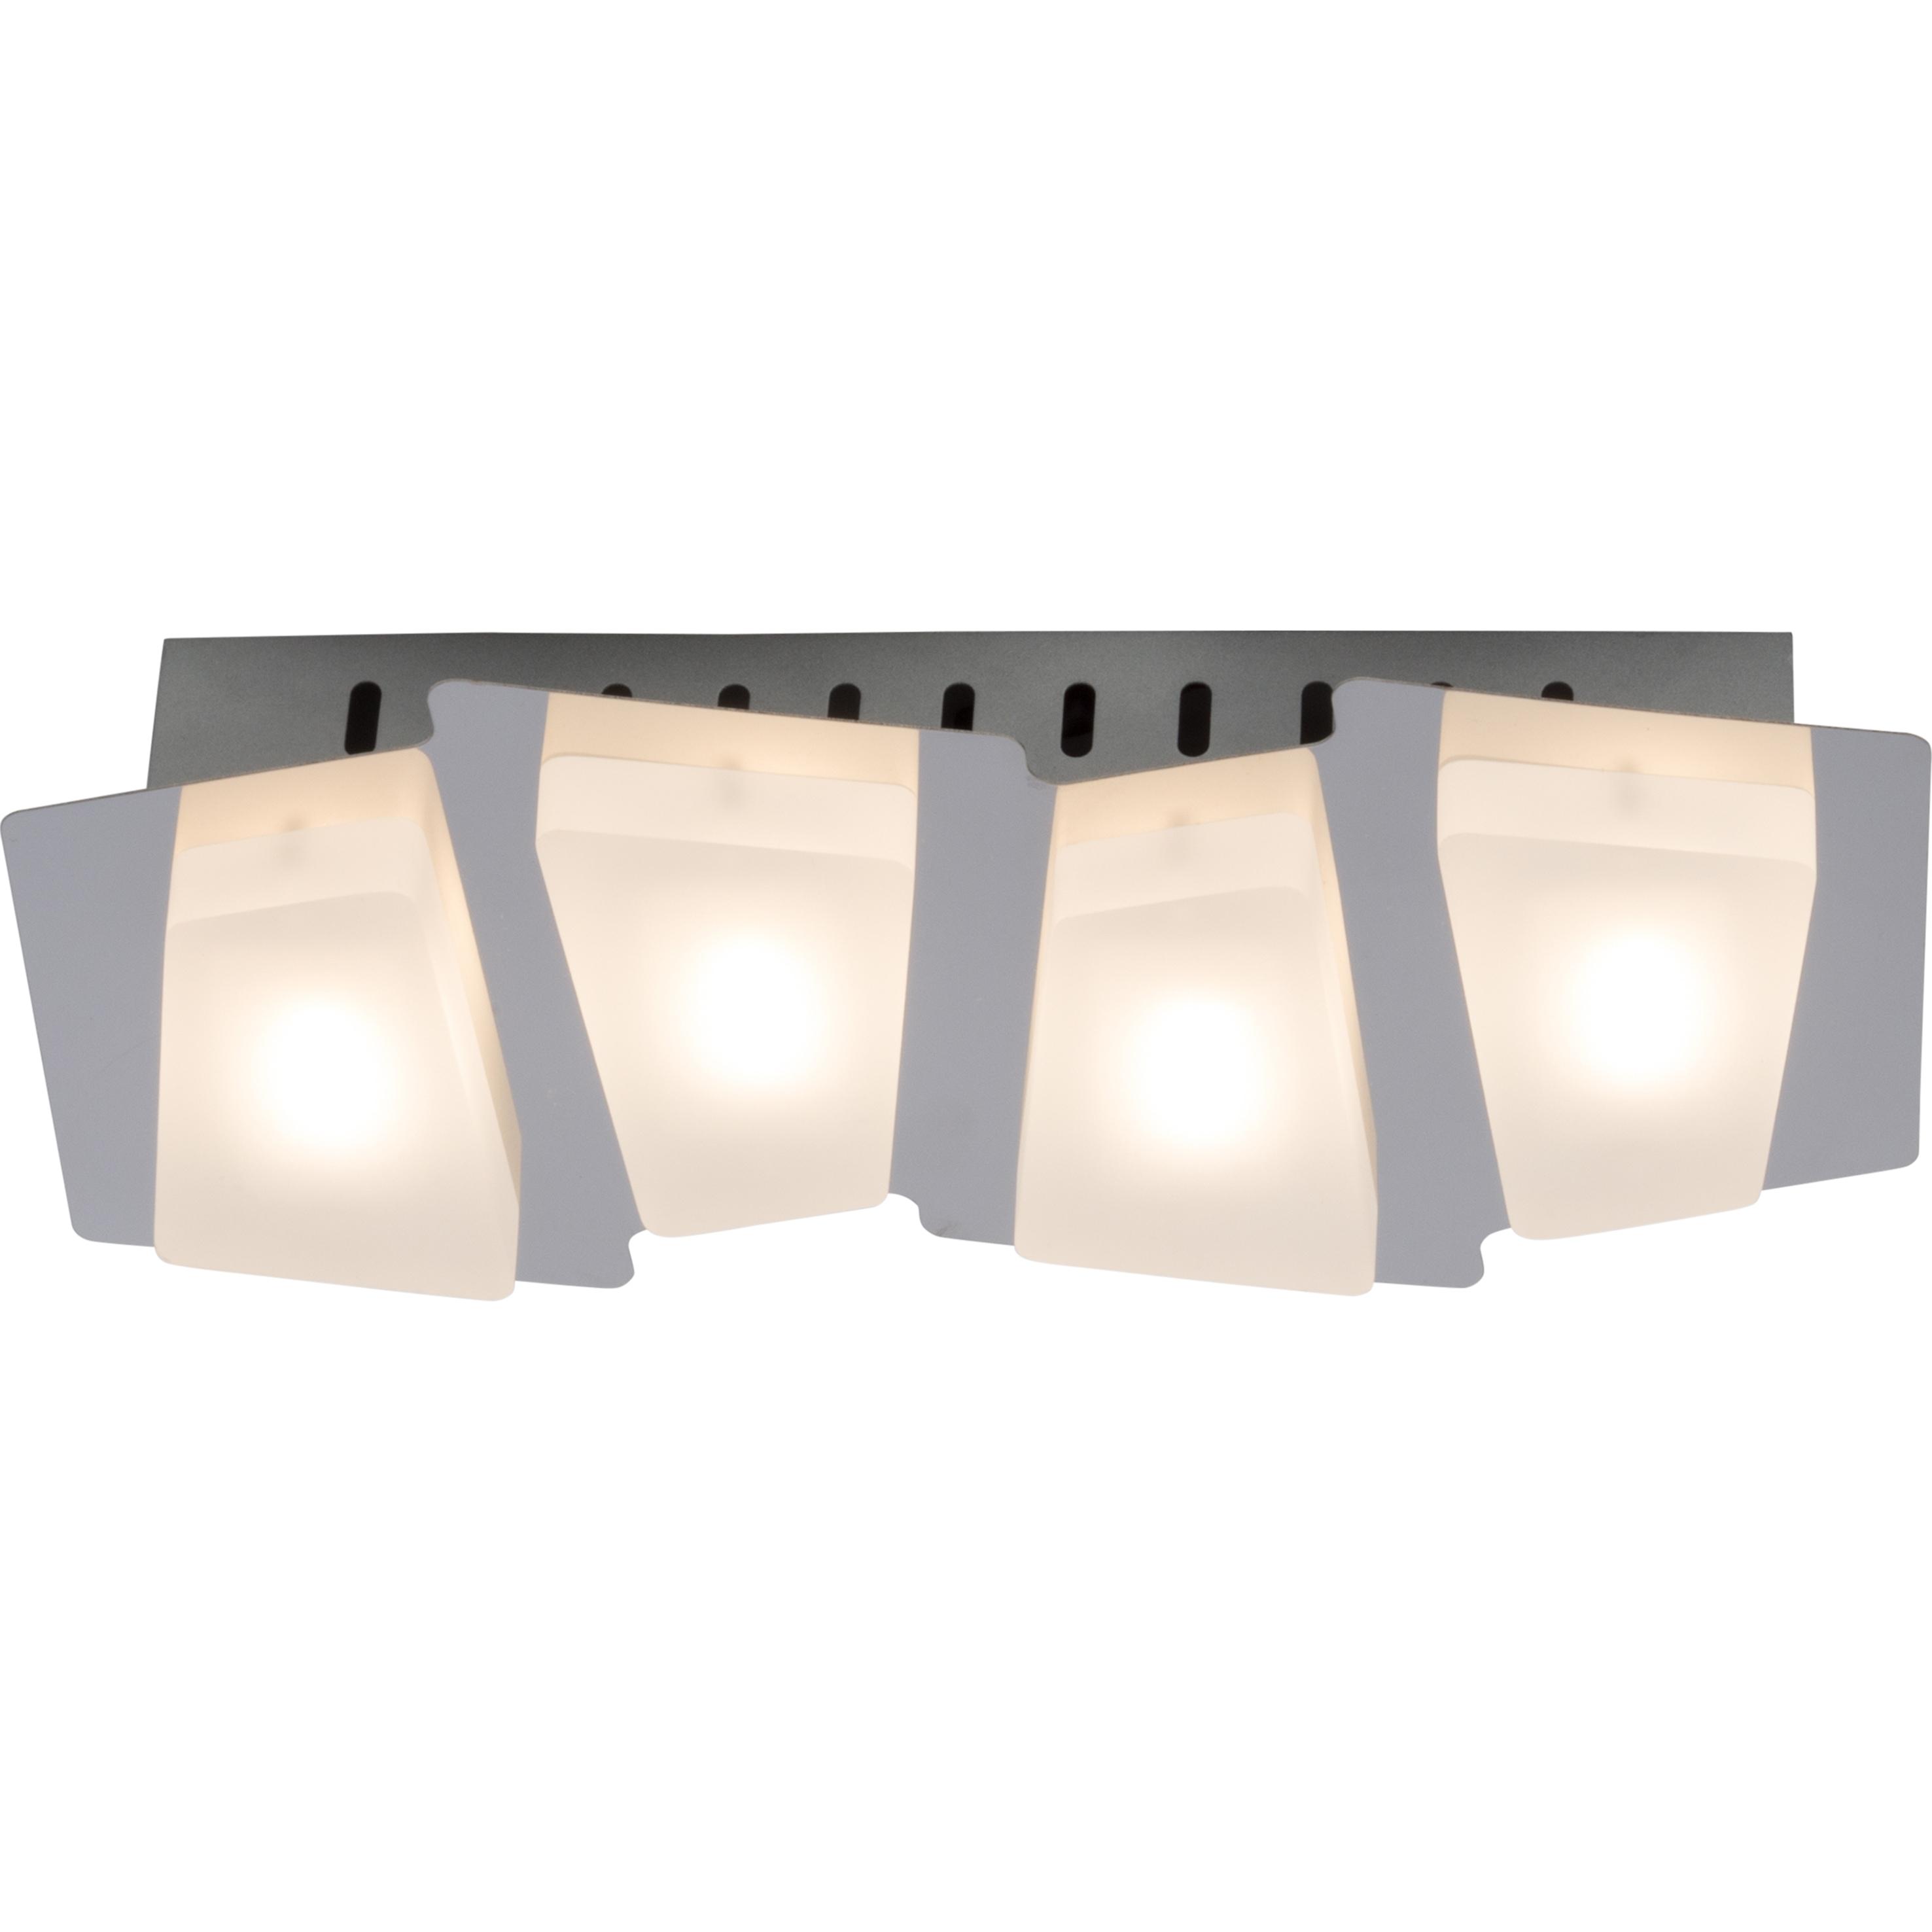 Brilliant Leuchten Block LED Wand- und Deckenleuchte 4flg chrom/weiÃY